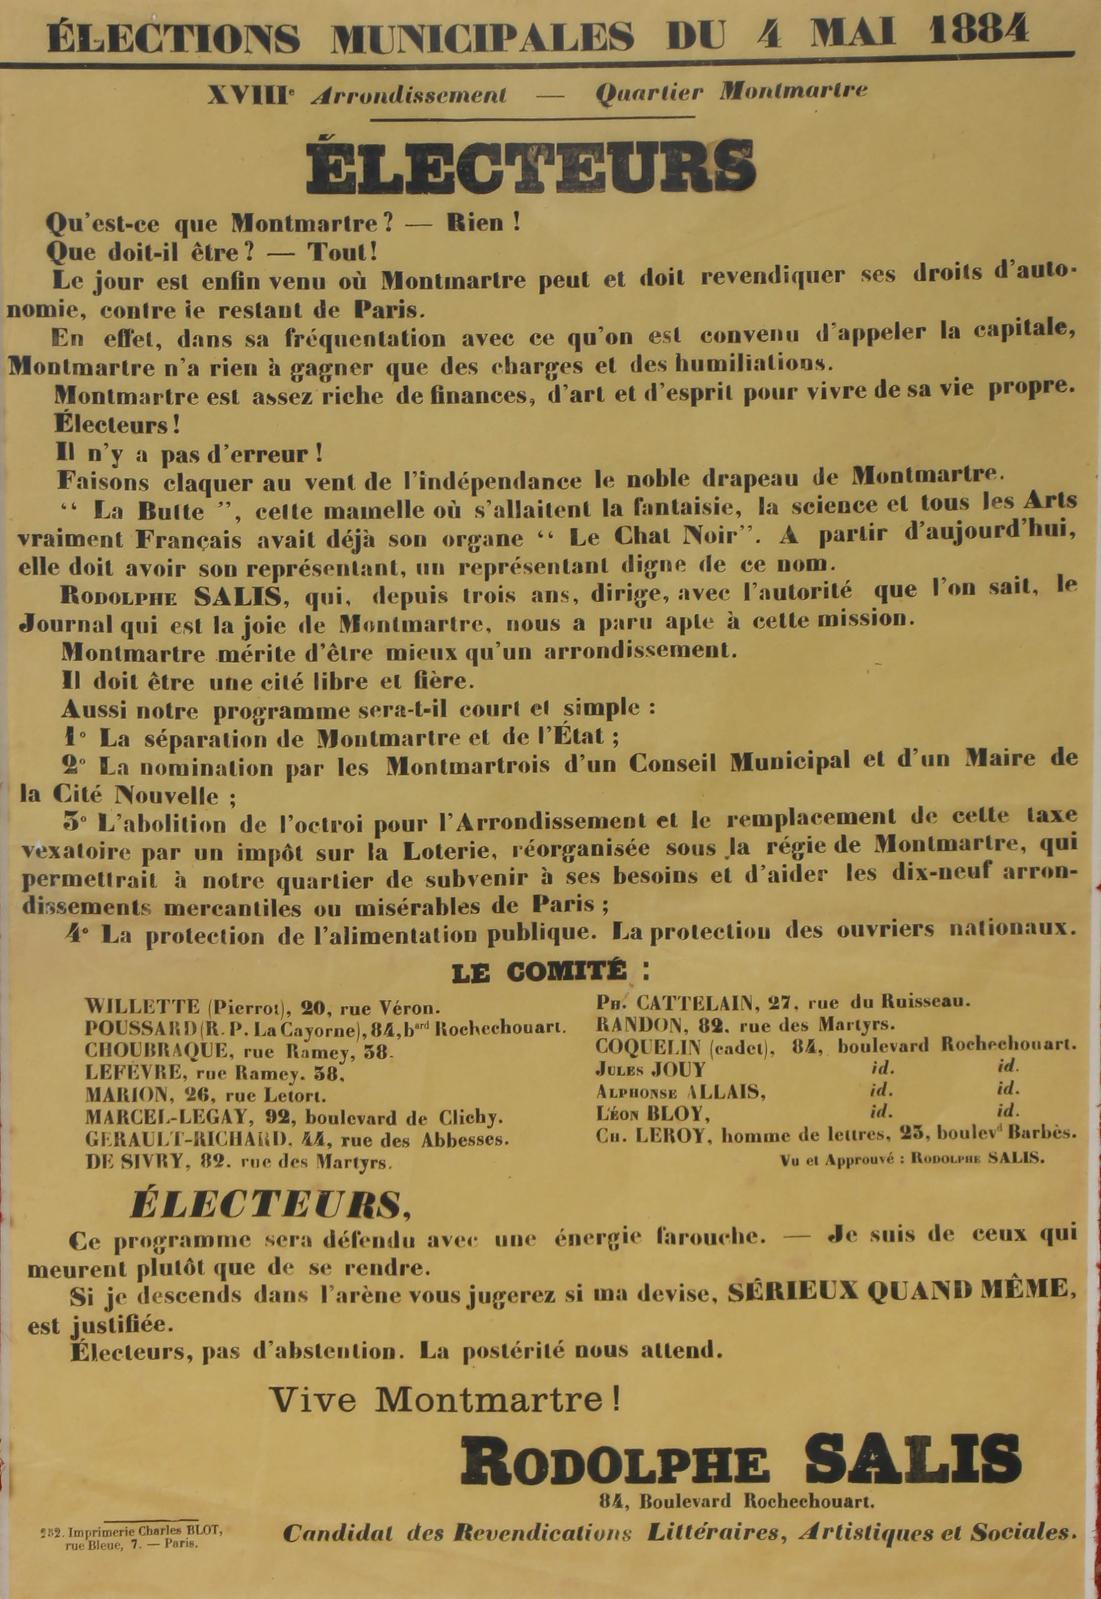 Rodolphe Salis (1851-1897), élections municipales du 4 mai 1884, XVIIIe arrondissement, quartier Montmartre, affiche imprimée en noir par